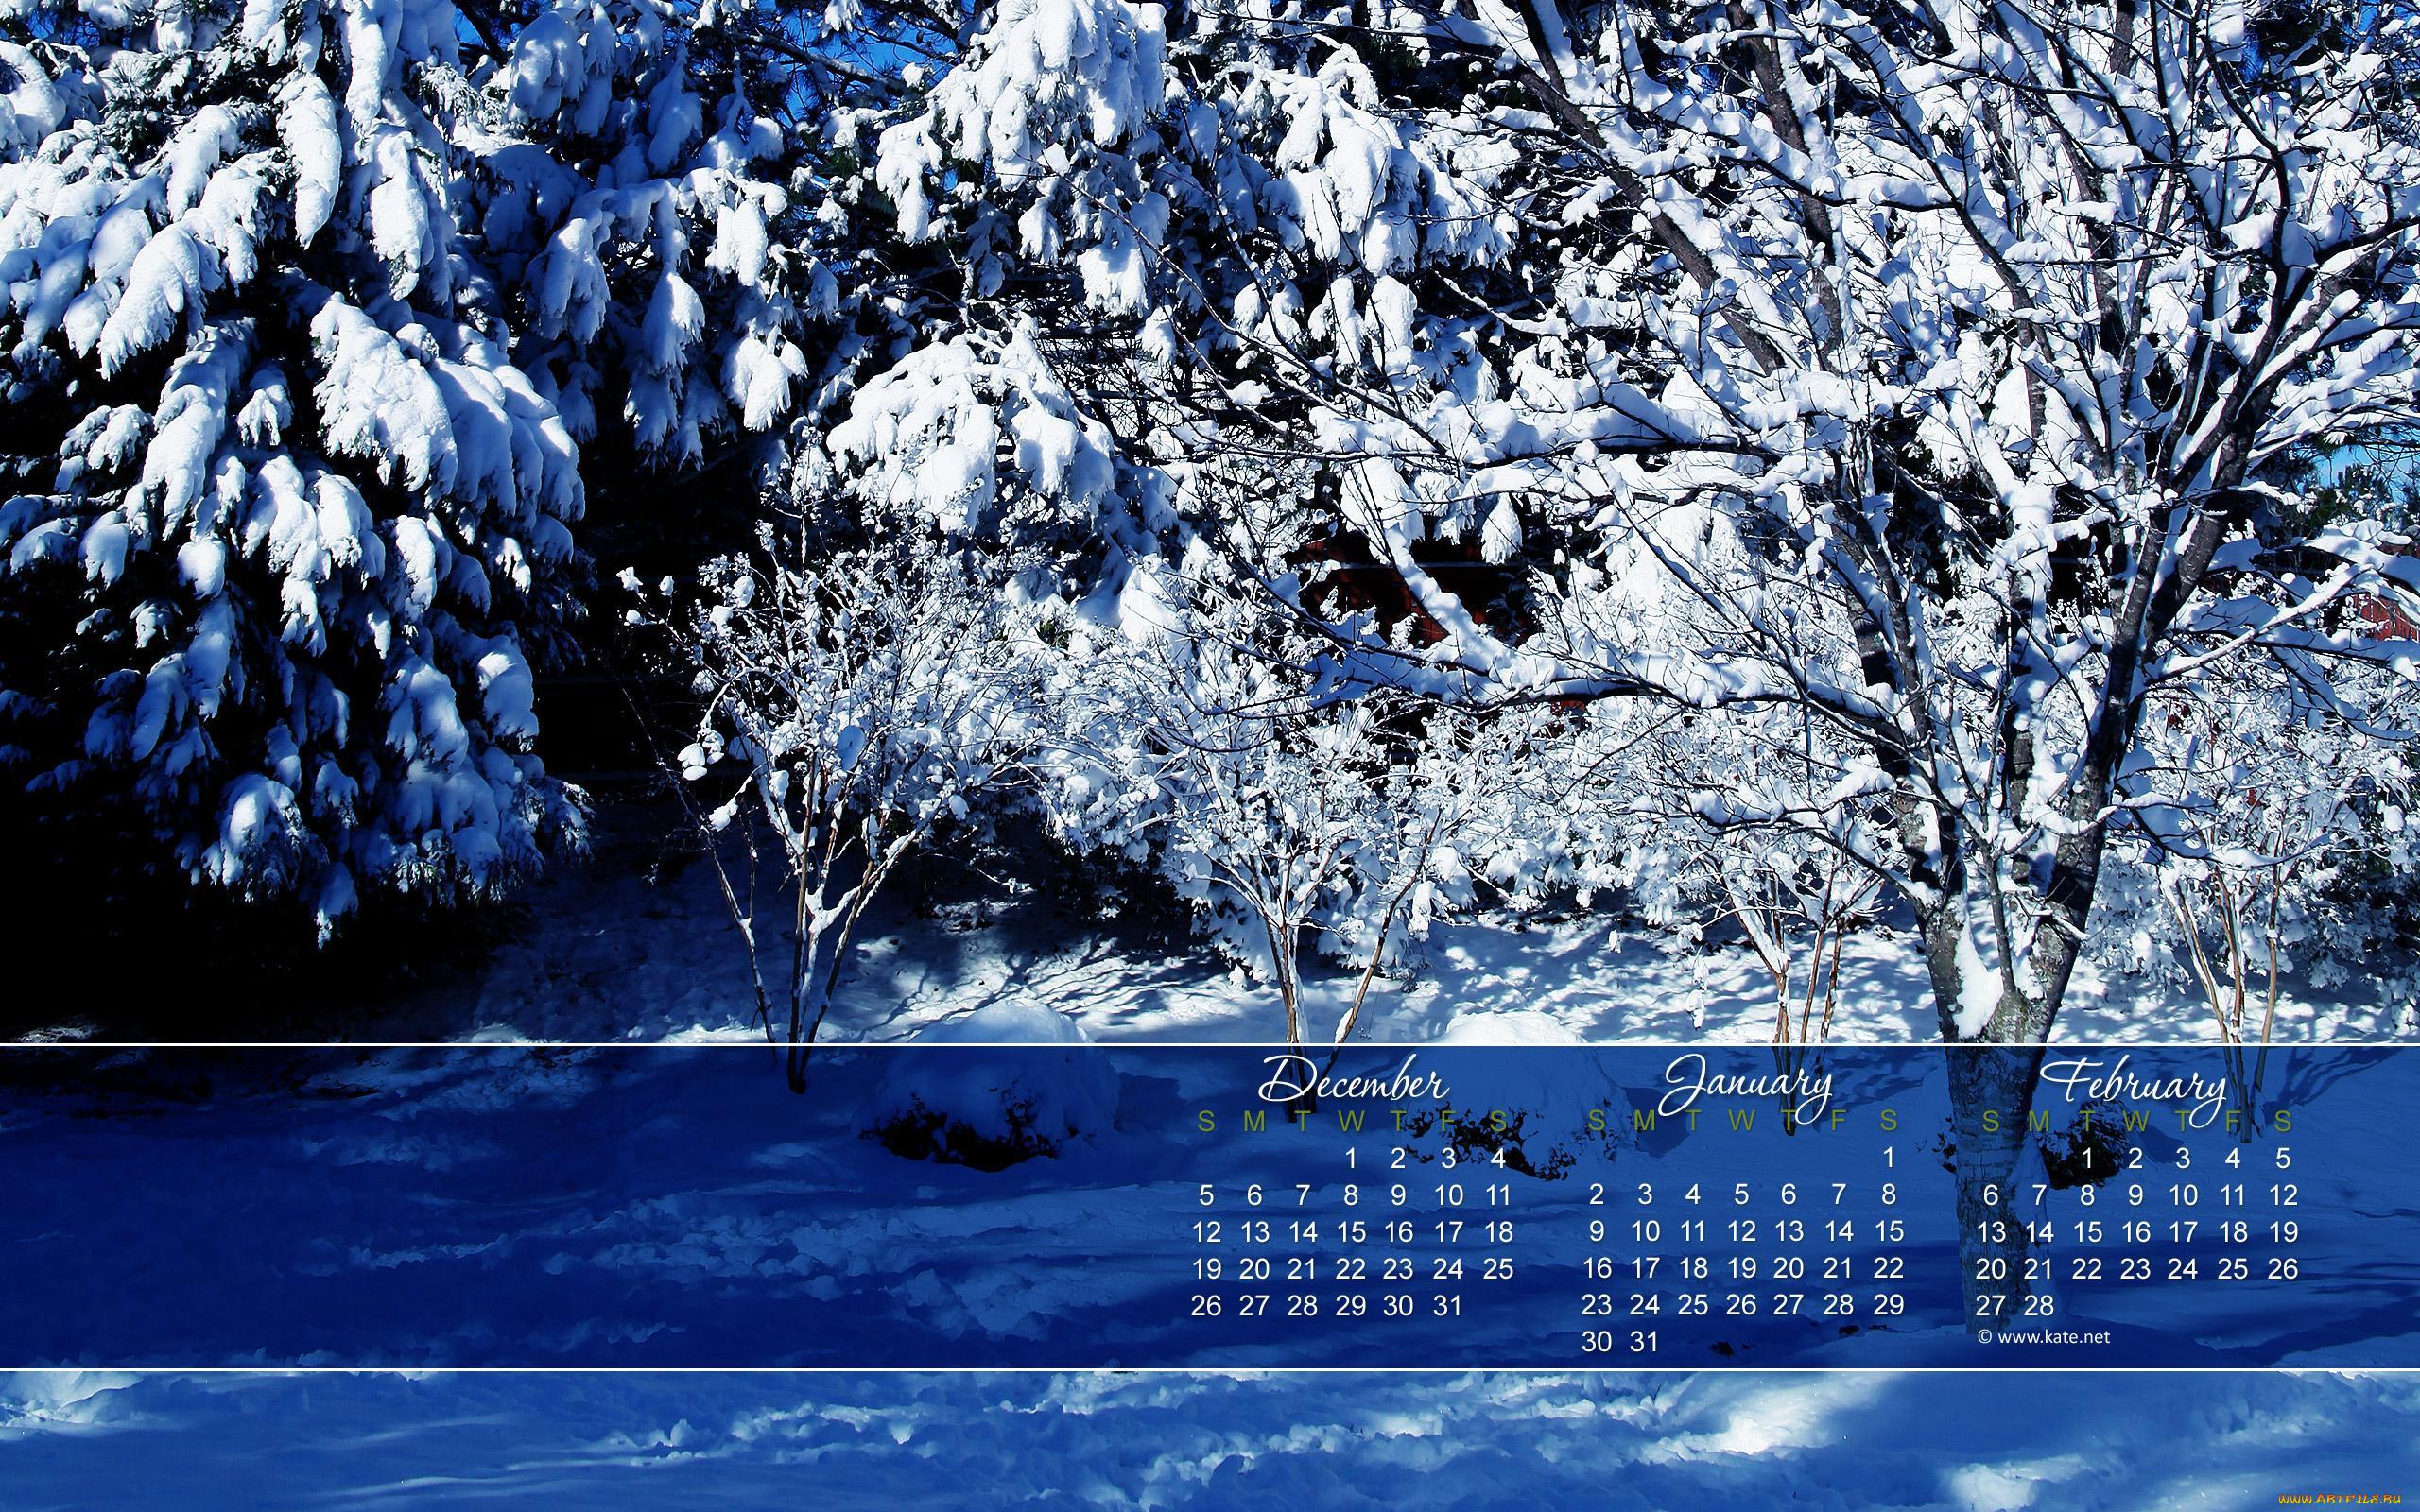 Фотографии времен года для календаря